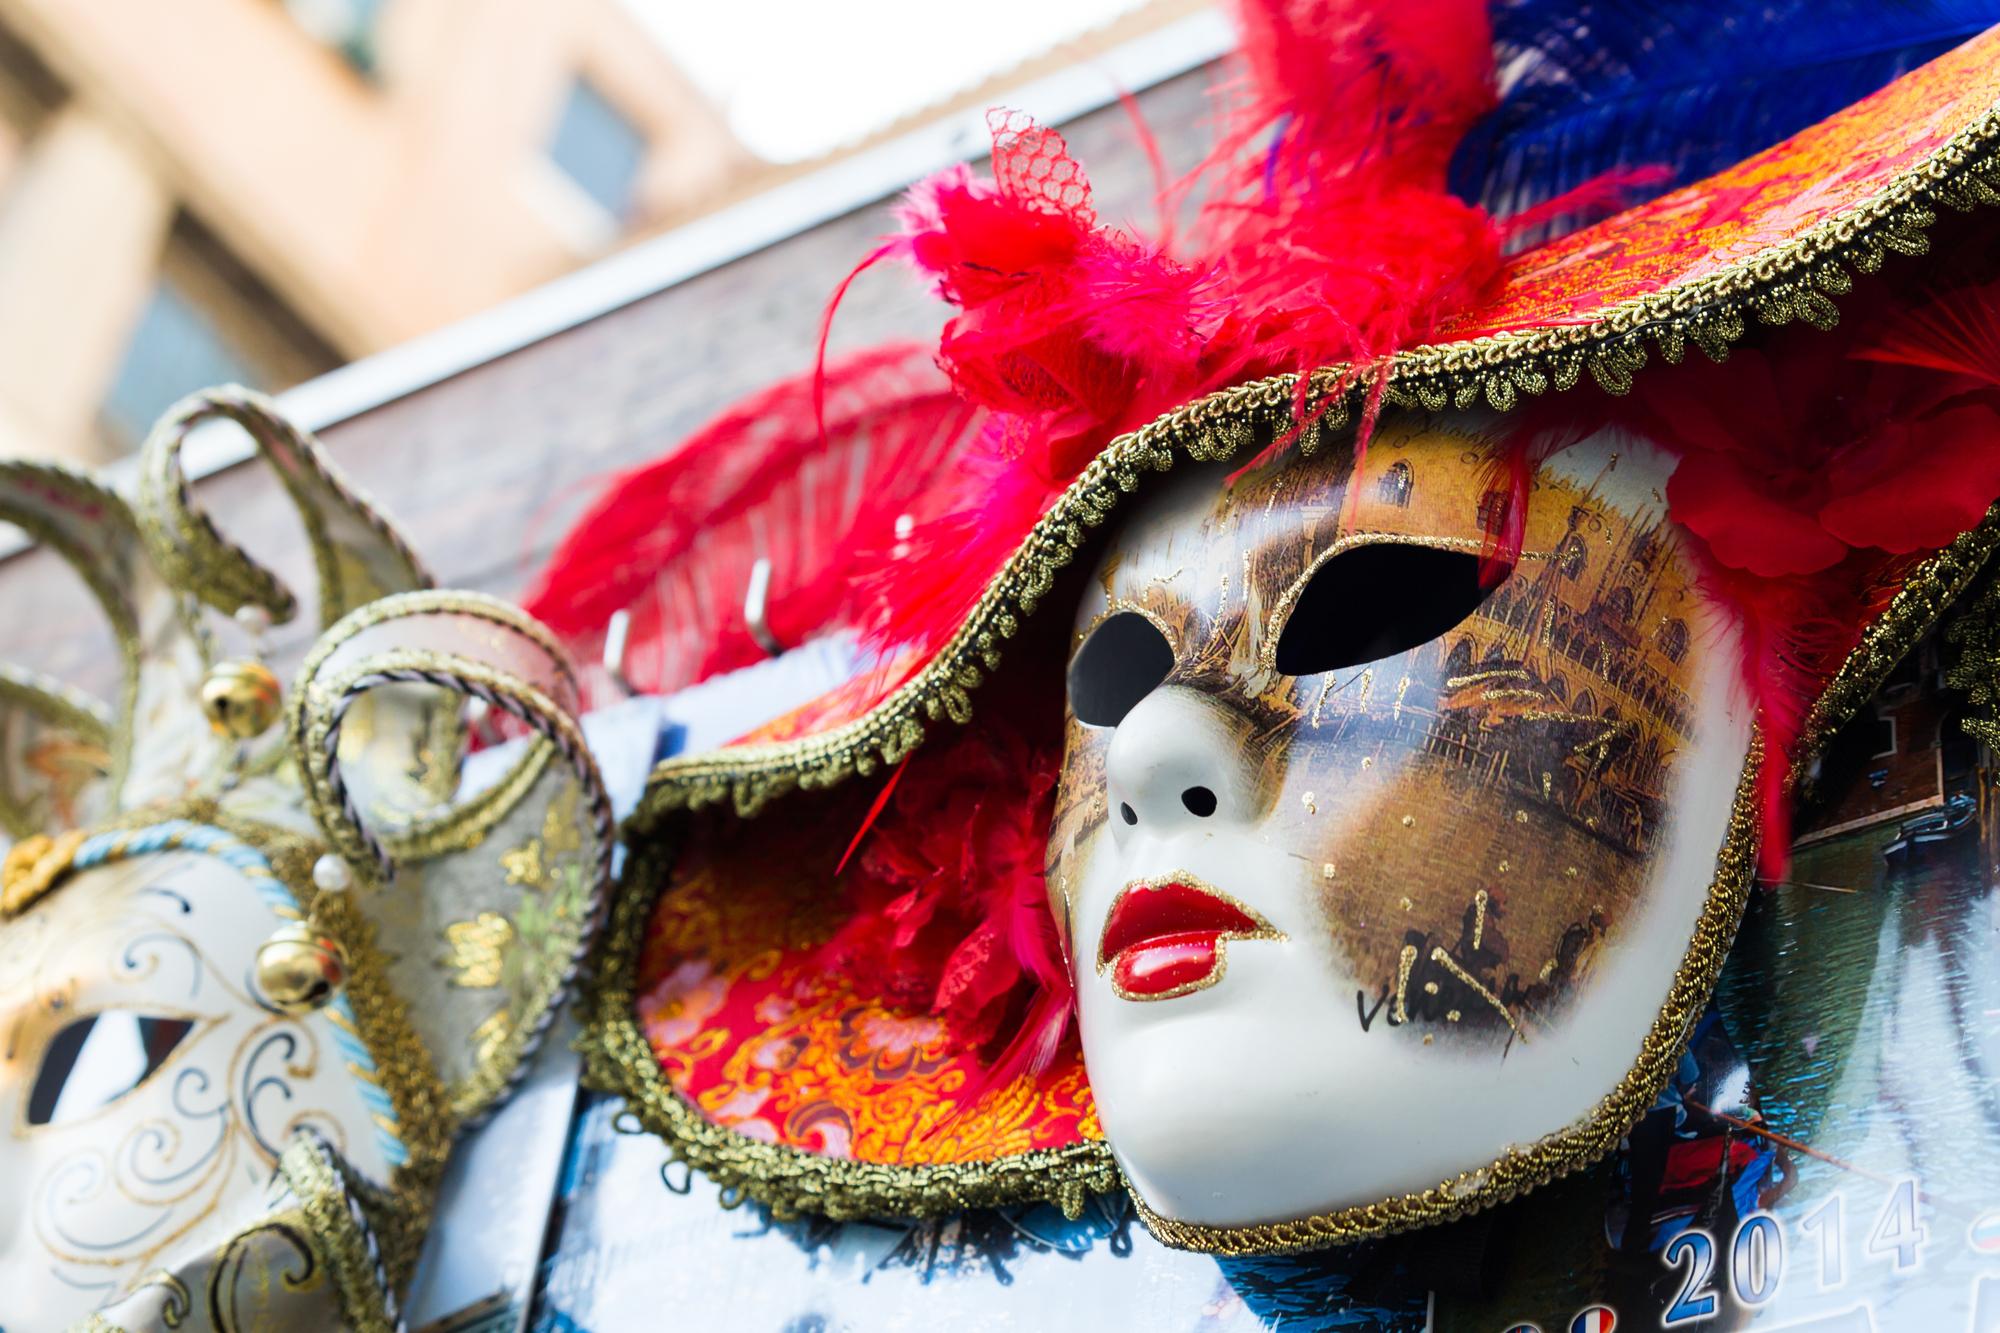 独特な仮装が印象的な「仮装コンテスト」は誰でも参加可能!